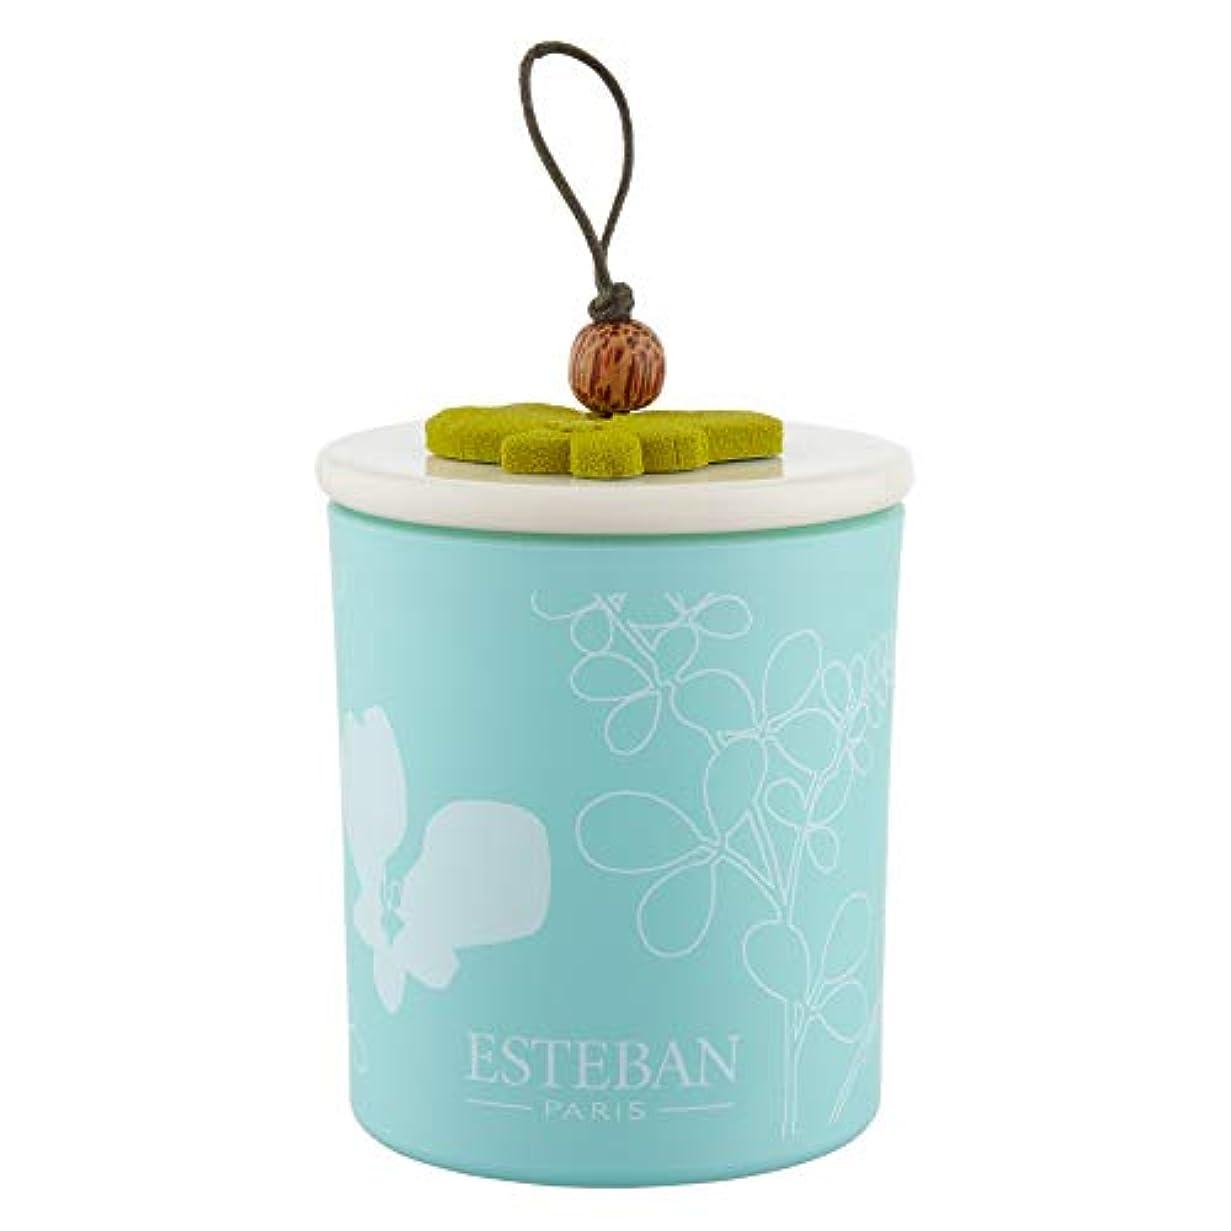 ドラム展示会墓[Esteban ] エステバンは、装飾されたキャンドル170グラムを香りOrchidee - Esteban Orchid?e Scented Decorated Candle 170g [並行輸入品]